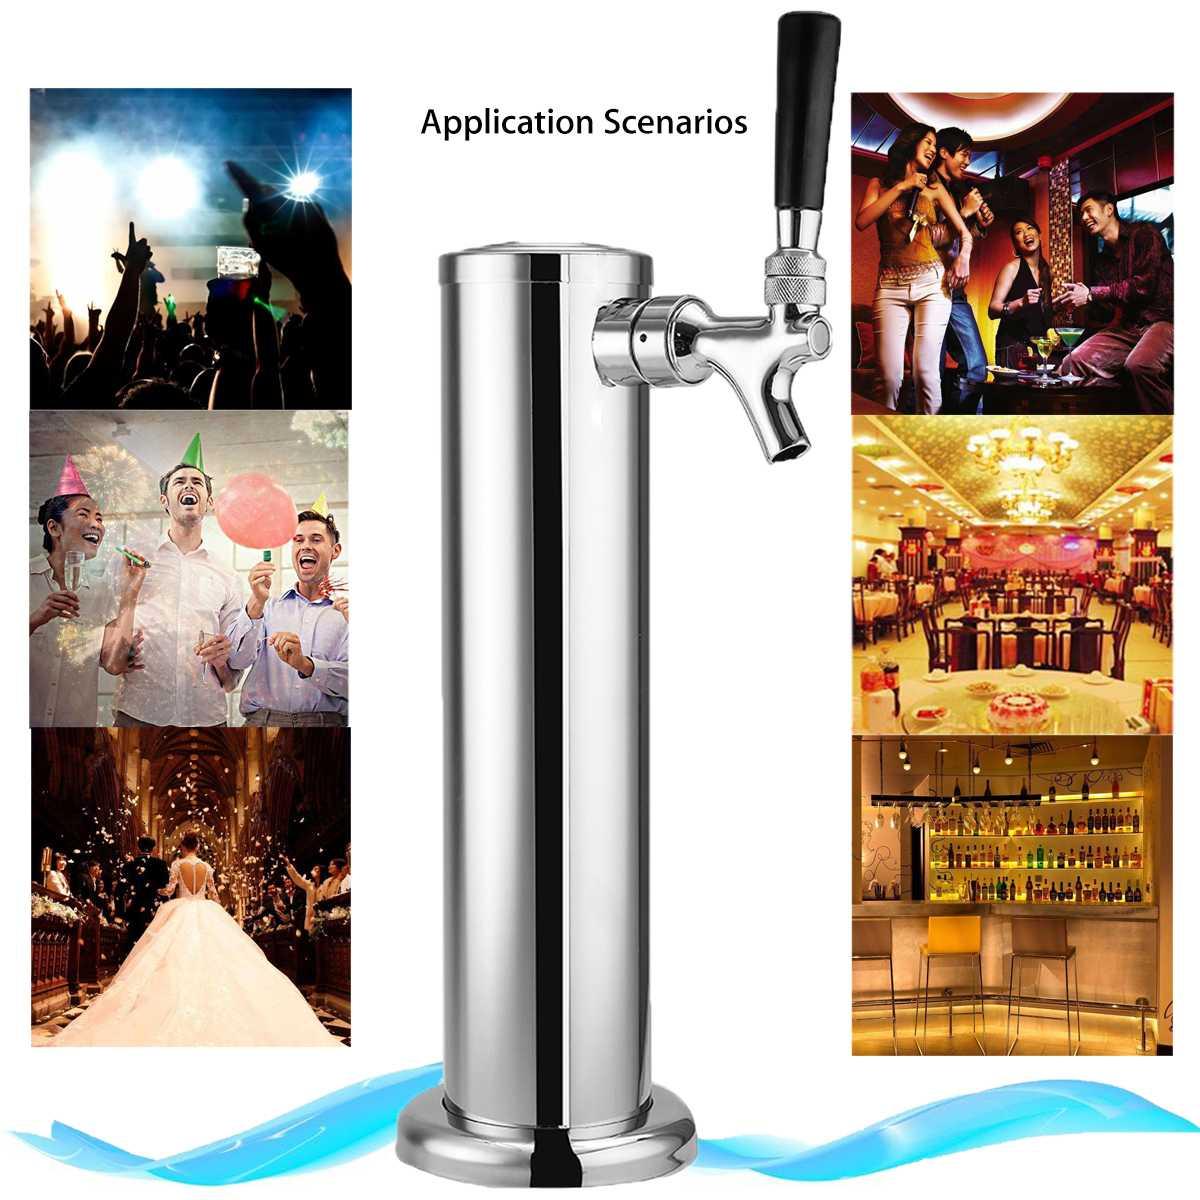 Nouveau robinet de tour de bière en acier inoxydable poli chromé robinet unique pour Kegerator Bar accessoire Barware tour de bière